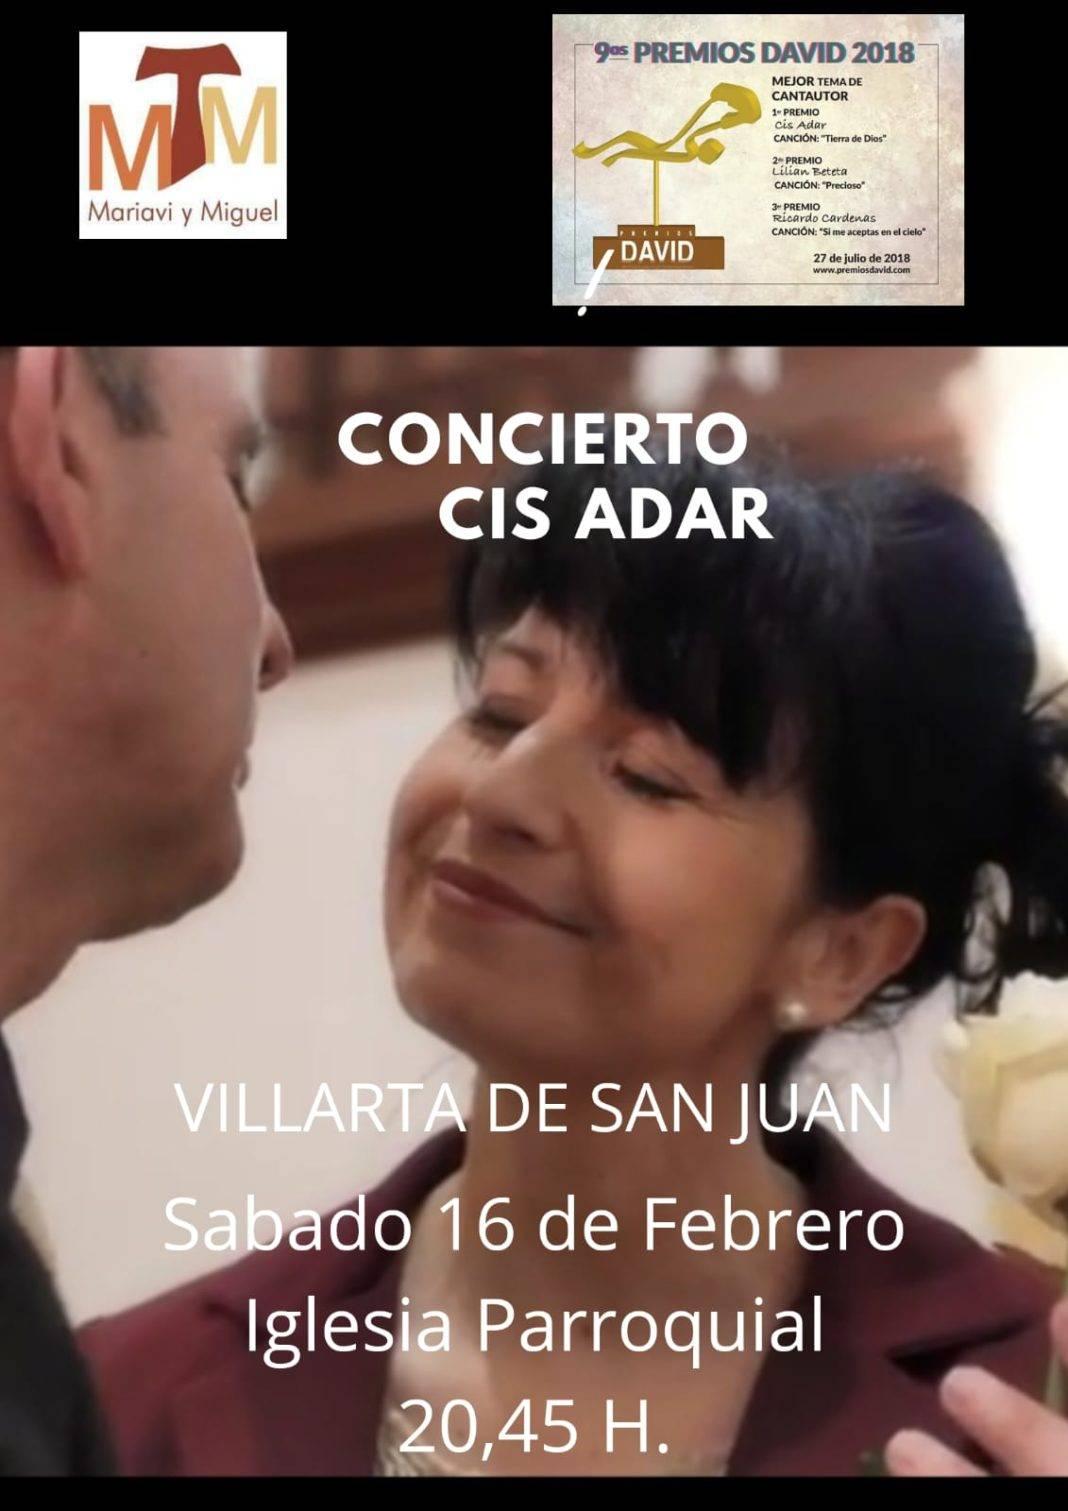 Miguel y Mariavi Cis Adar 1068x1511 - Miguel y Mariavi ofrecerán un recital de su último disco en Villarta de San Juan